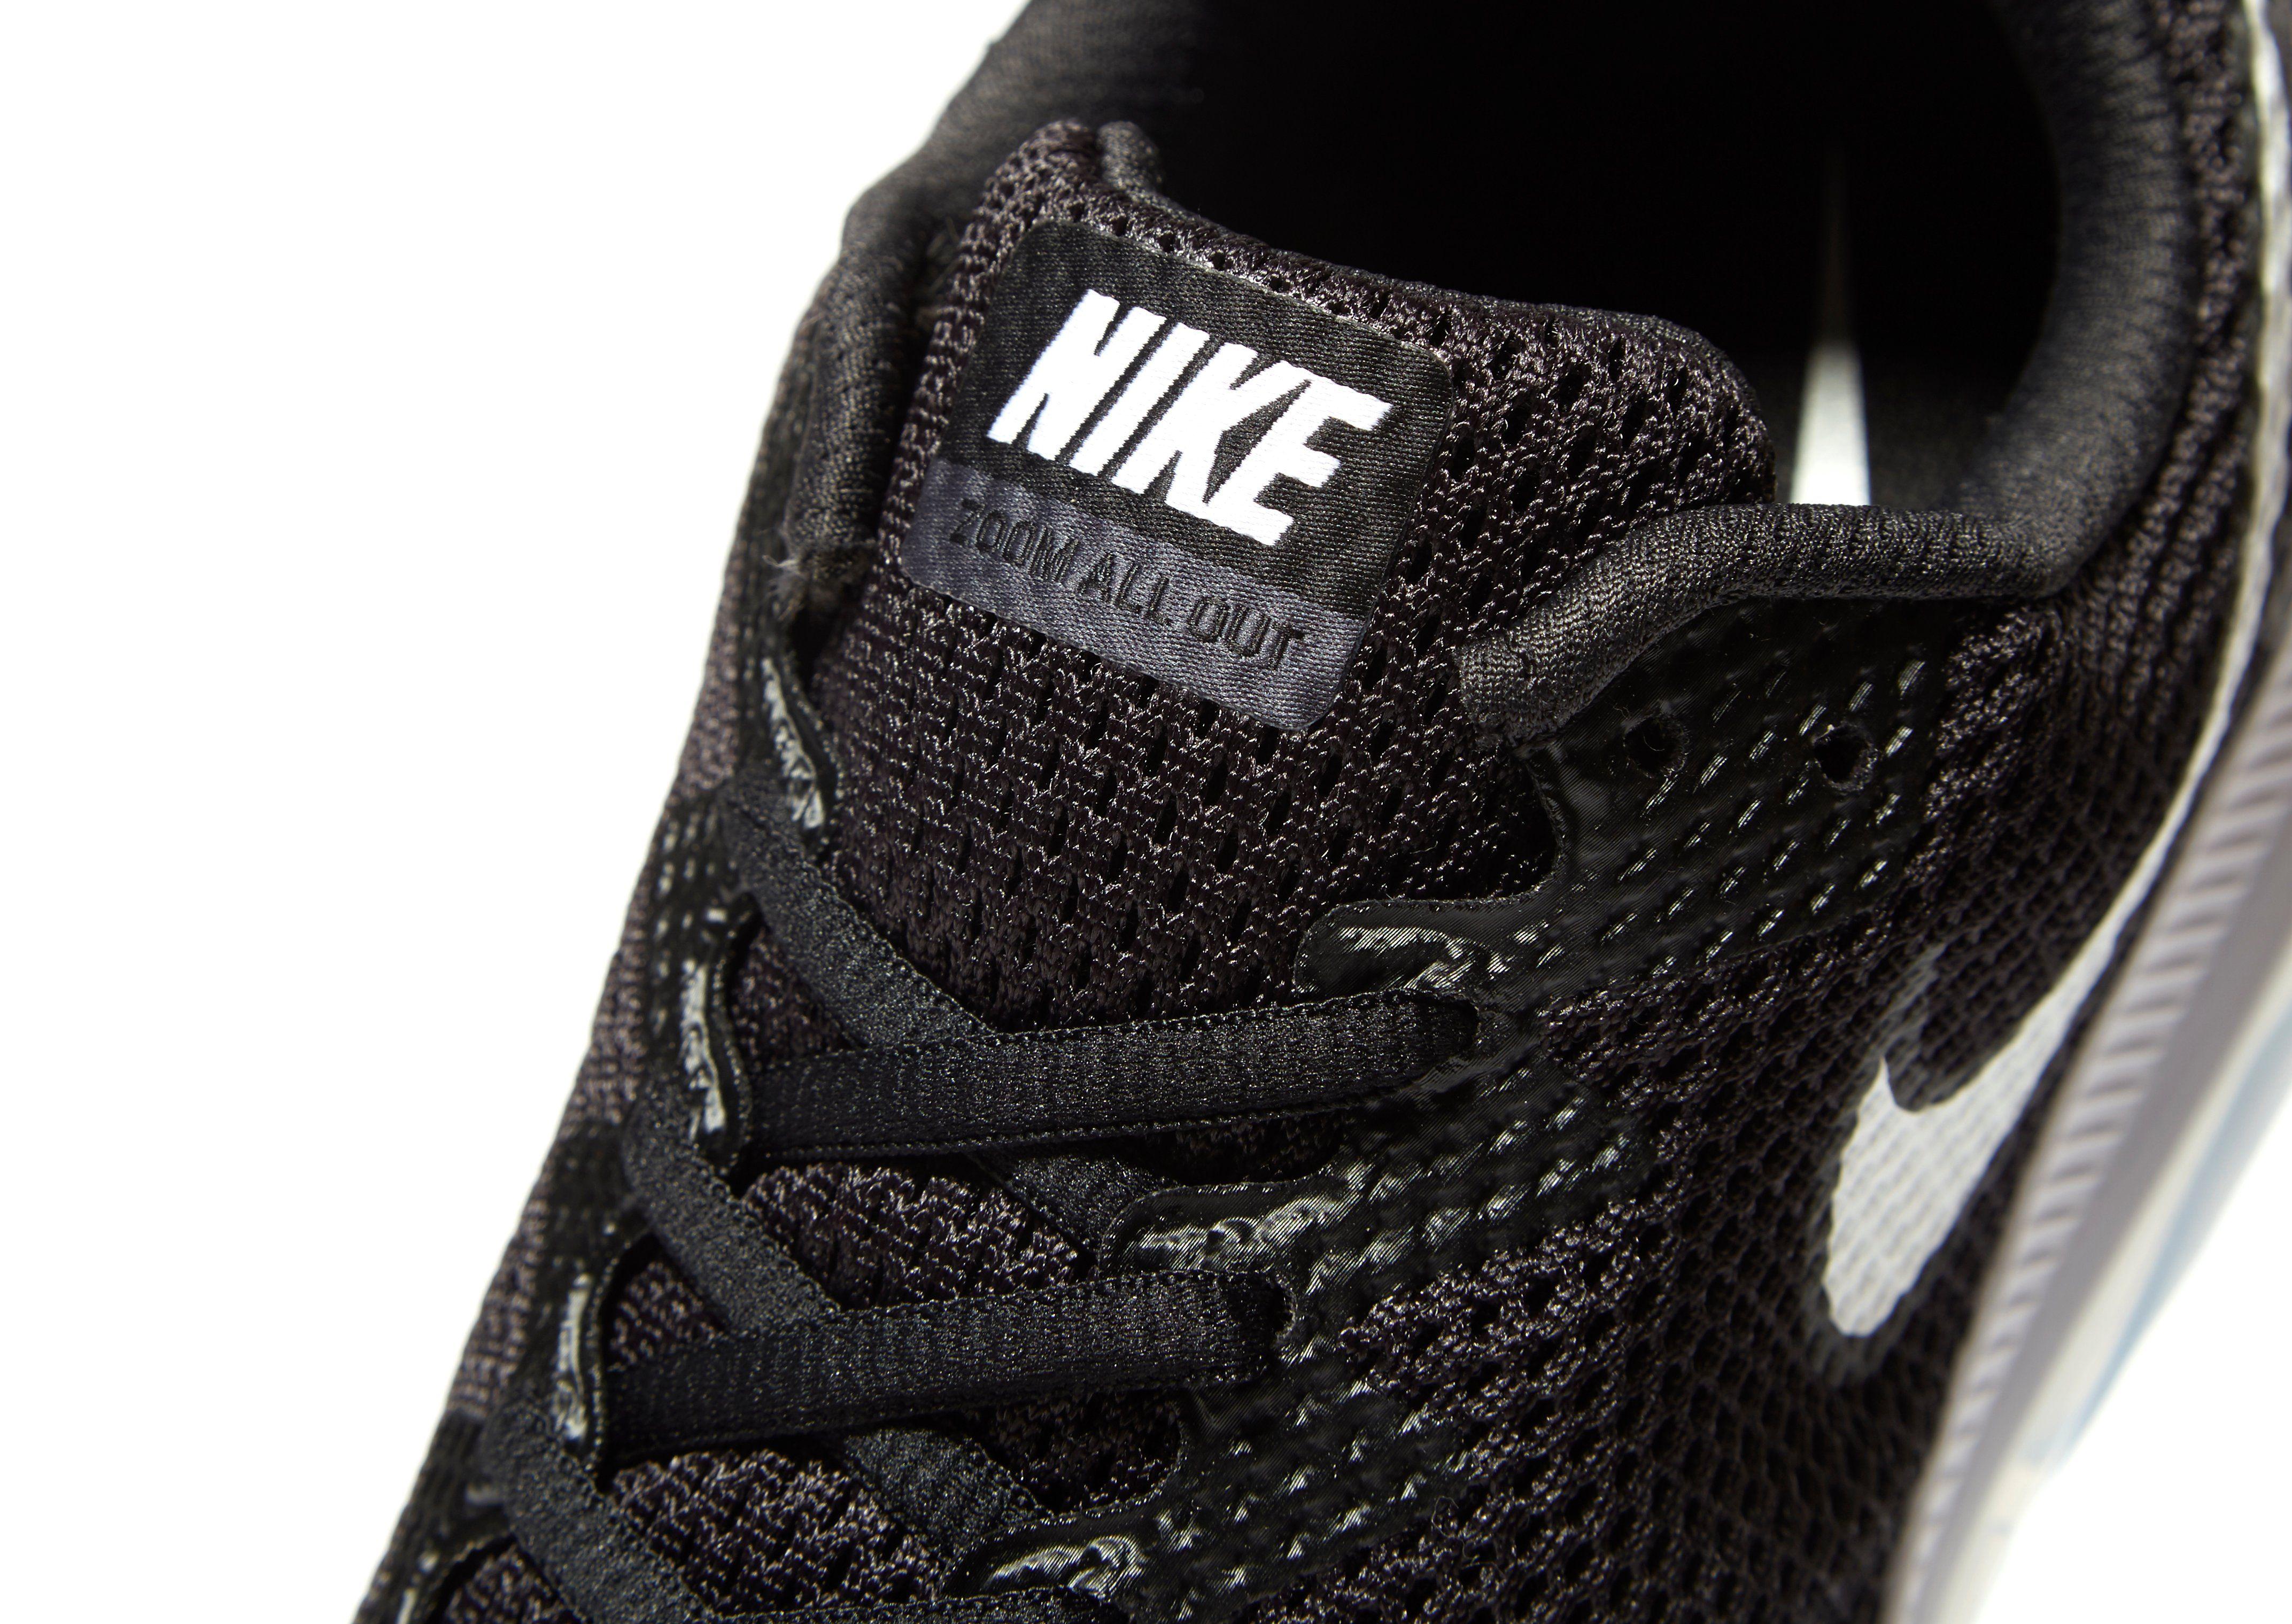 Billige Fälschung Original- Nike Zoom All Out Low II Schwarz Online-Verkauf Freies Verschiffen Truhe Bilder rdggFFBsp